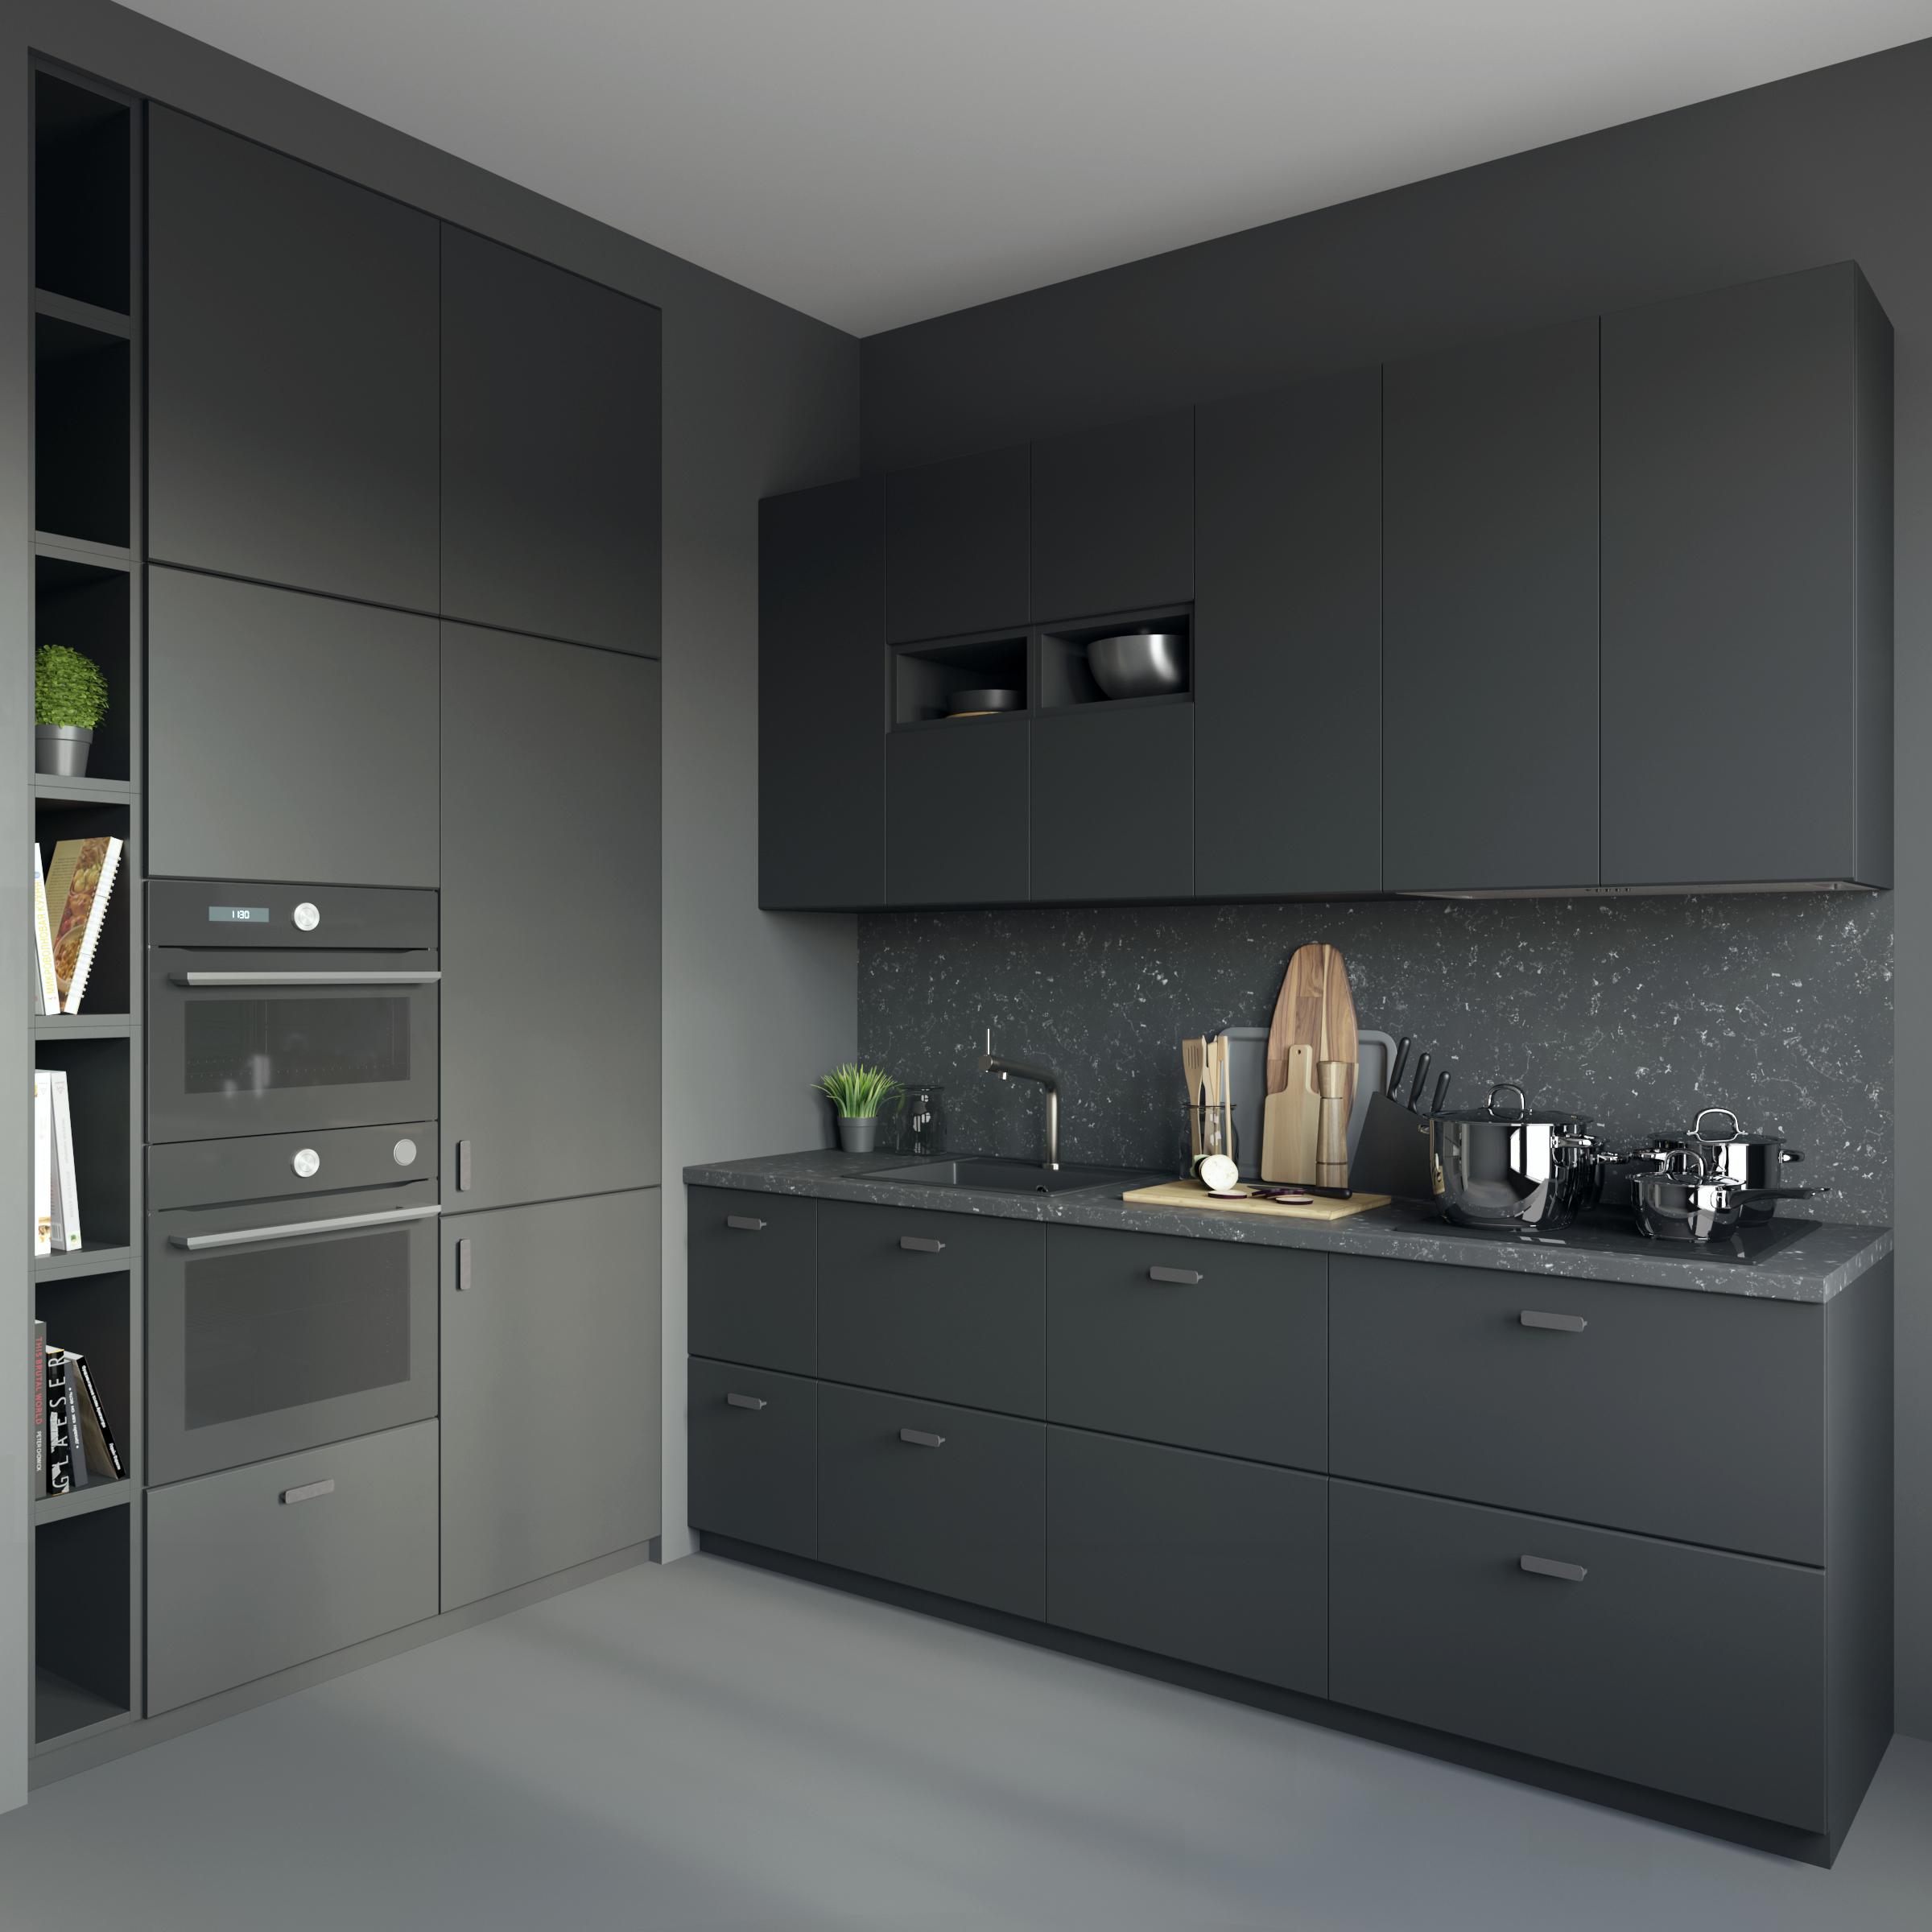 Cocina IKEA Kungsbacka